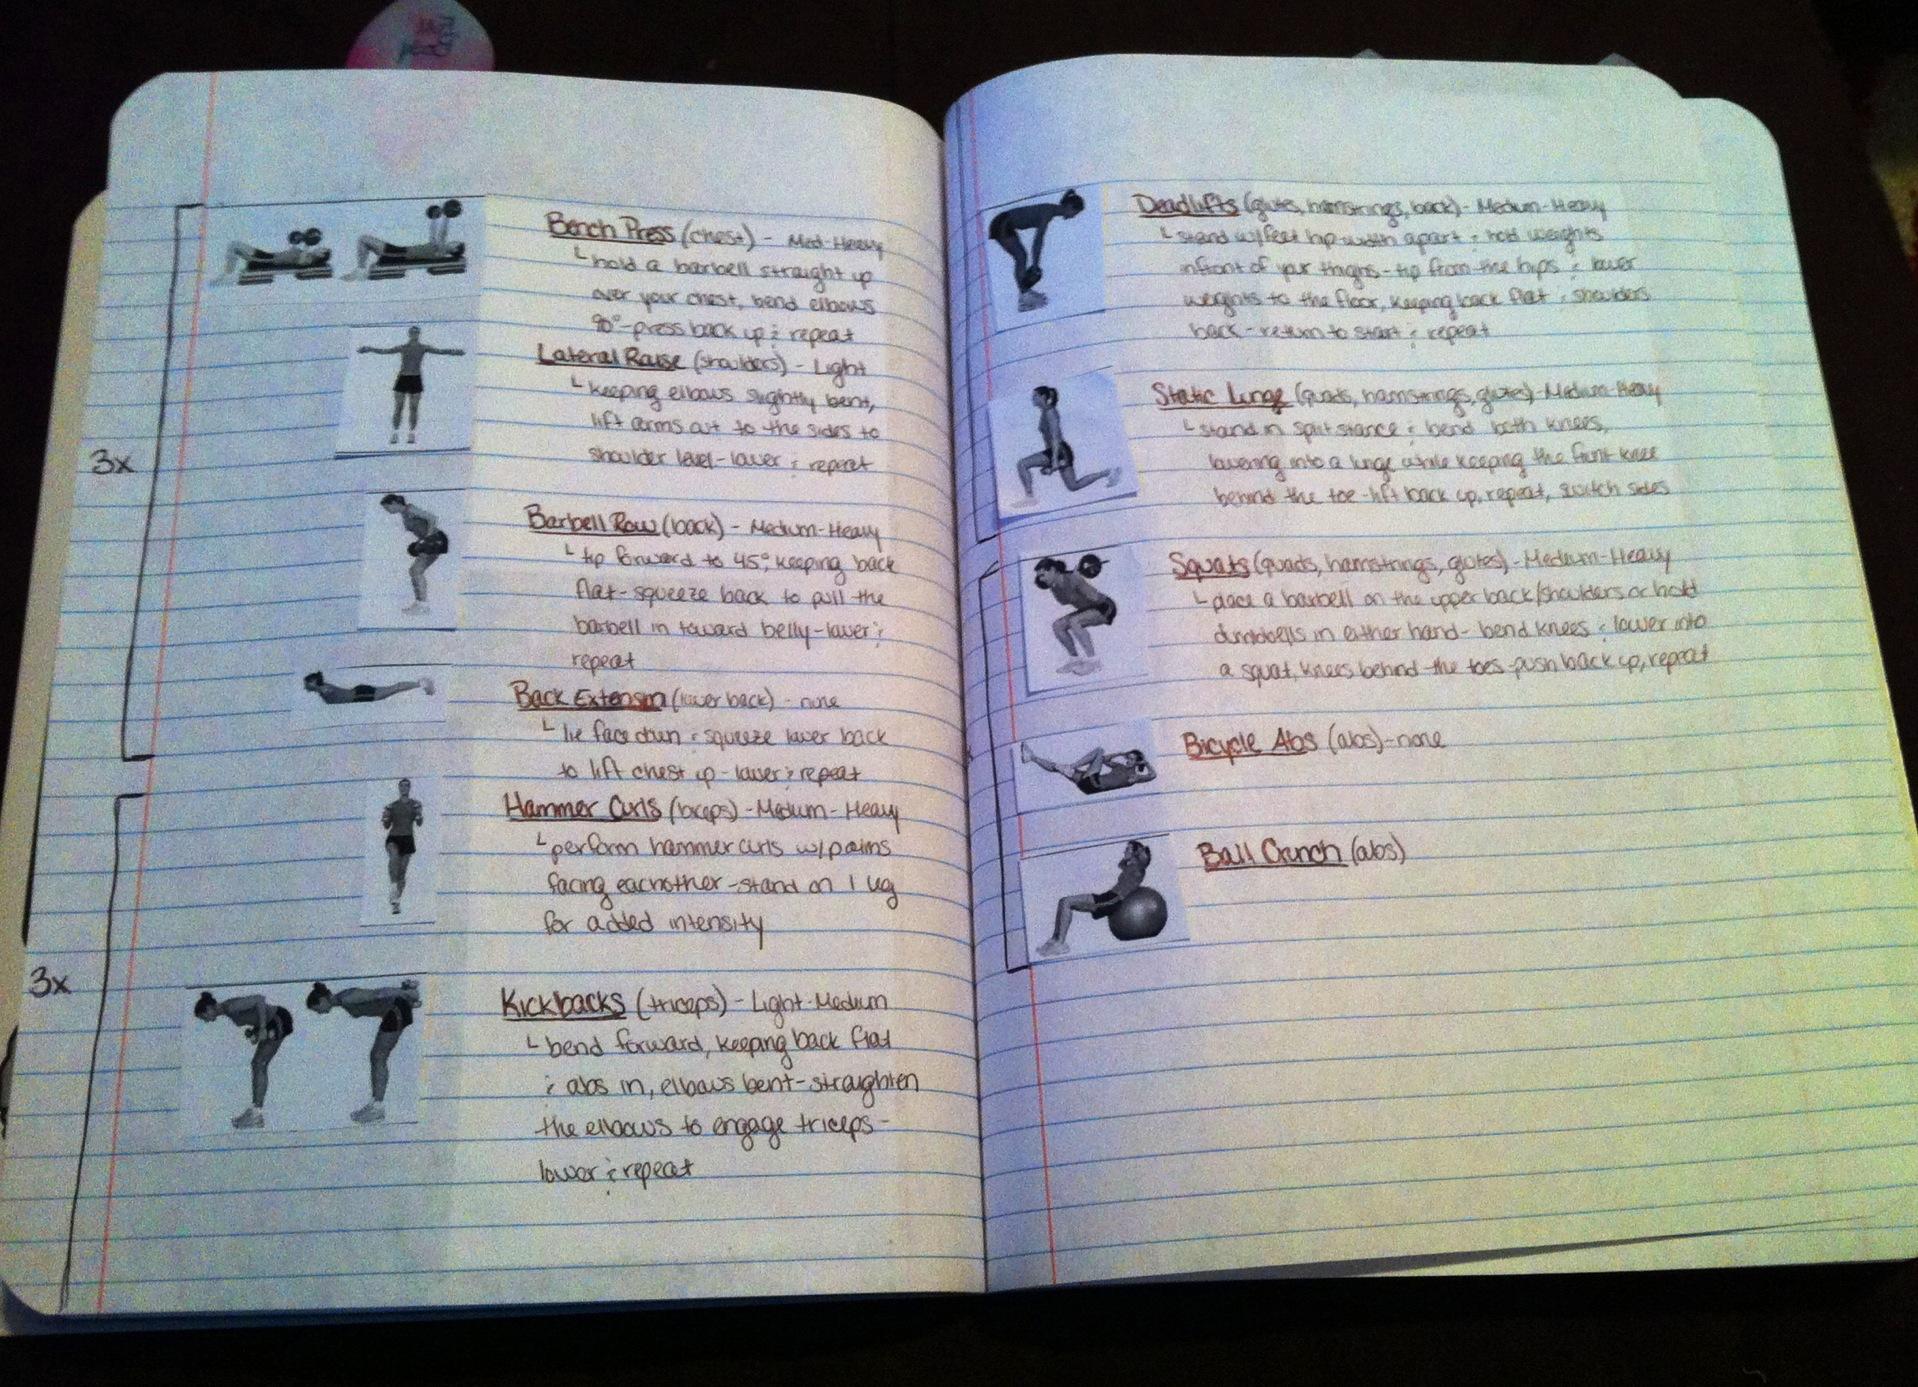 workout notebook - Ex